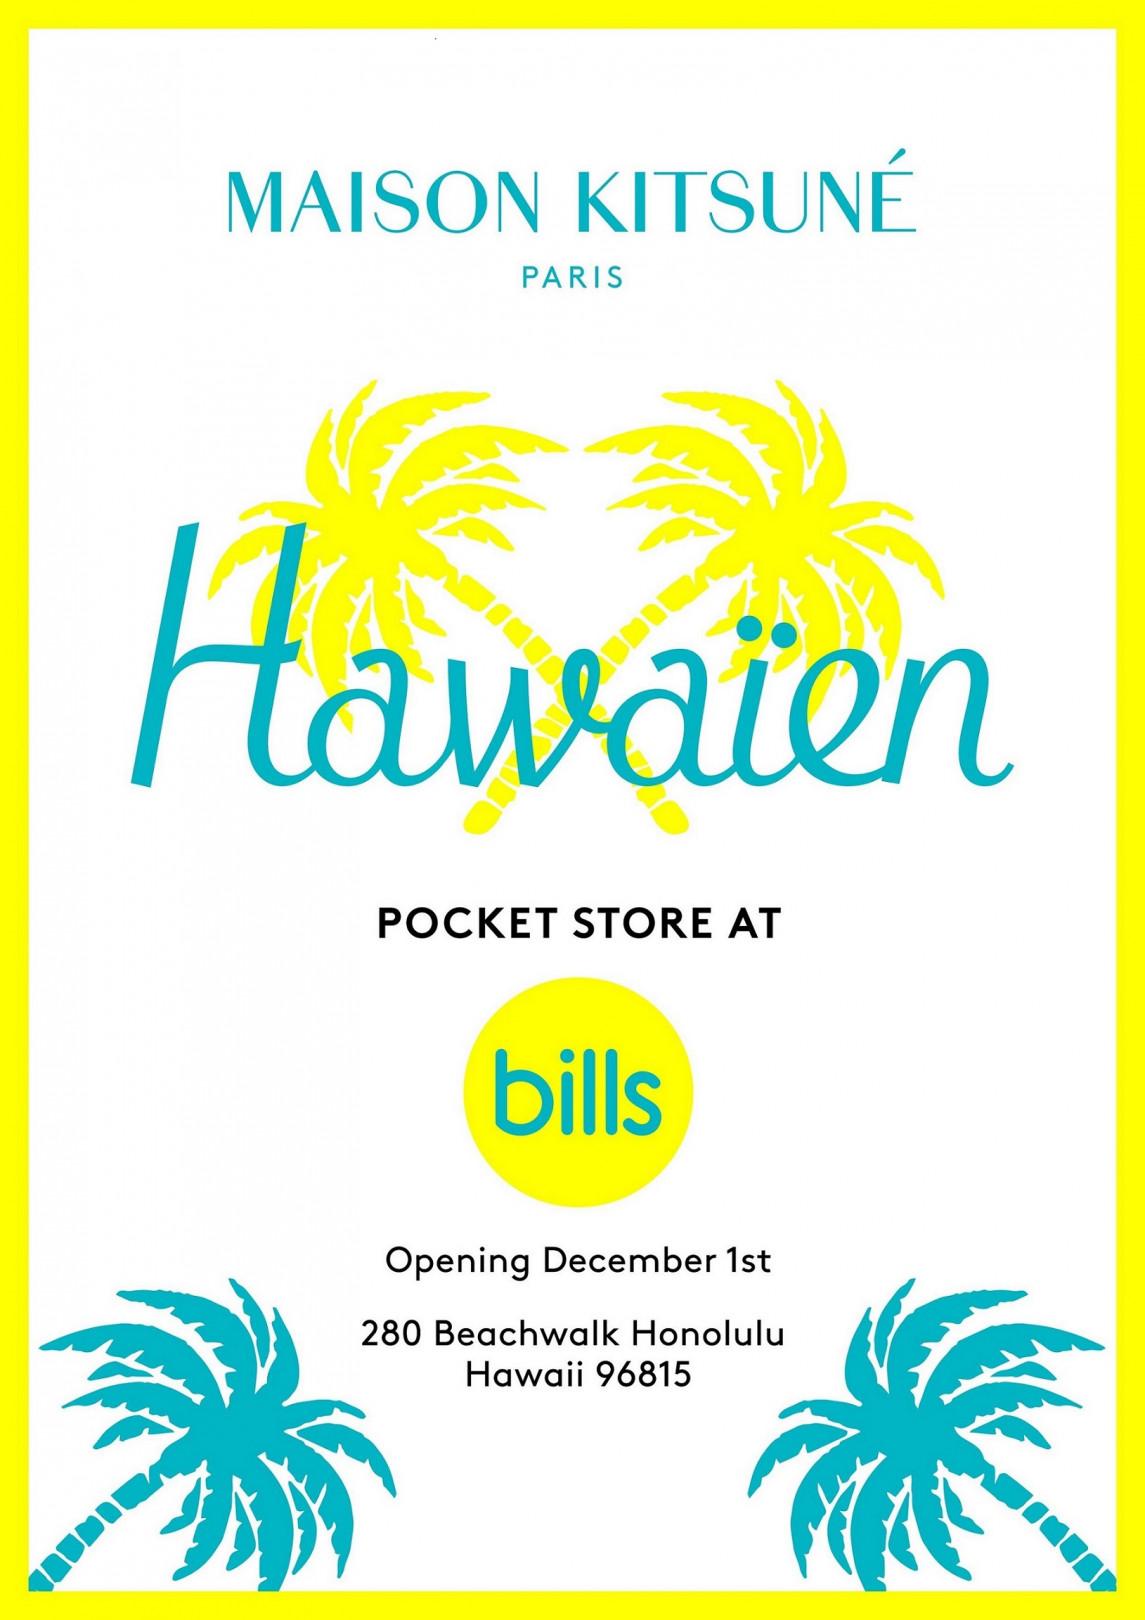 ビルズハワイ(bills Hawaii)「メゾン キツネ ポケット ストア(MAISON KITSUNÉ POCKET STORE)」